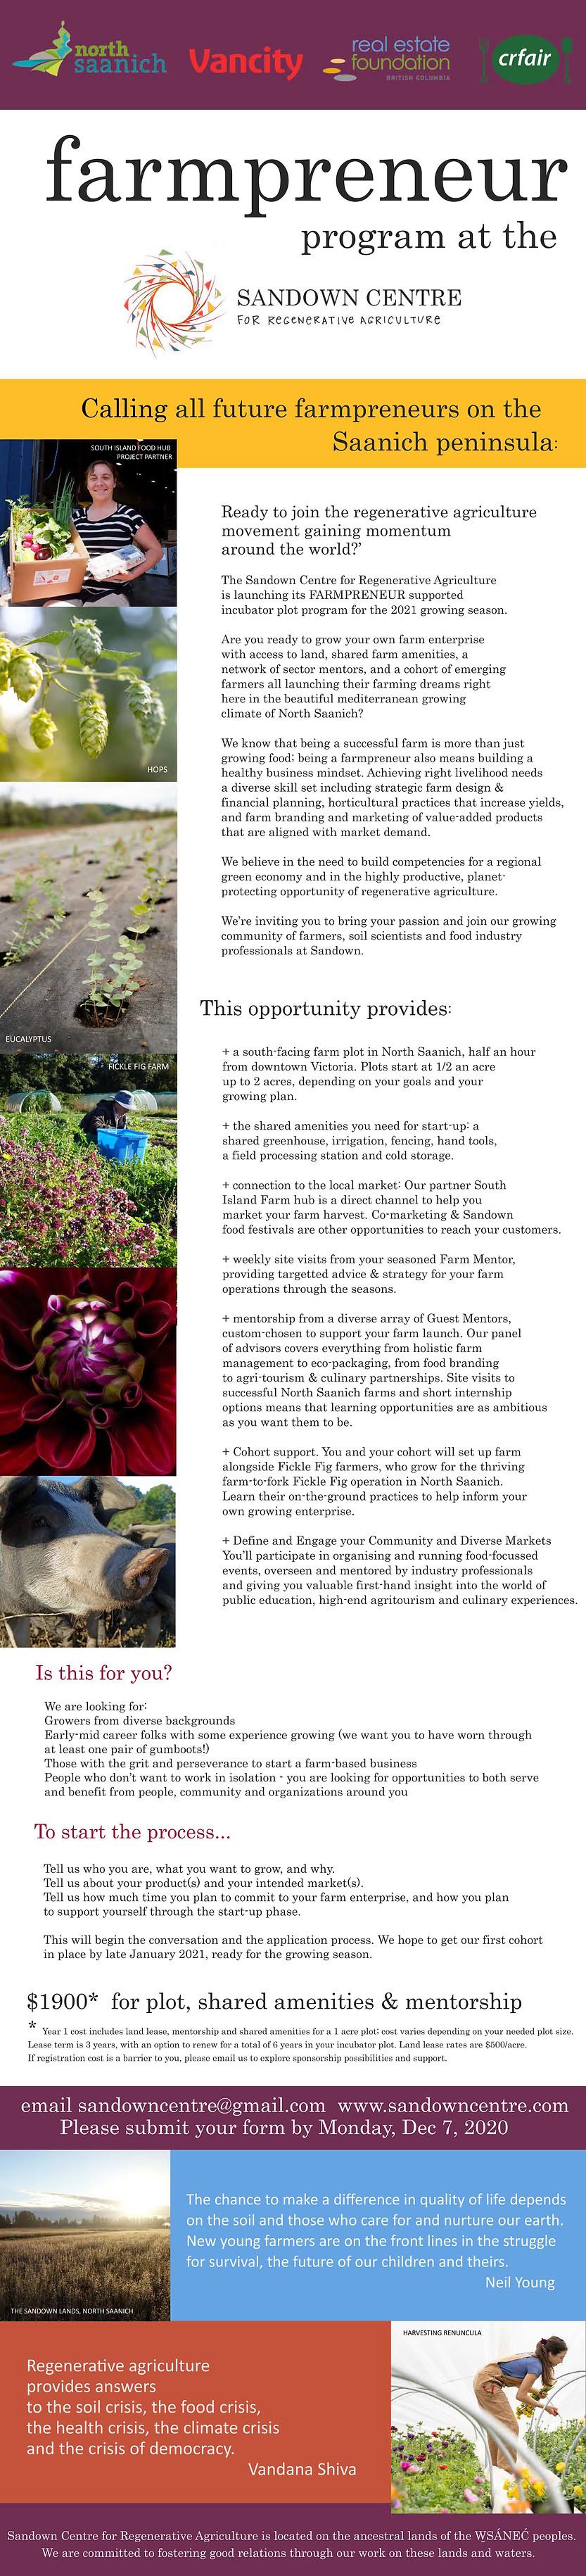 Farmpreneur_promotion_for_web.jpg